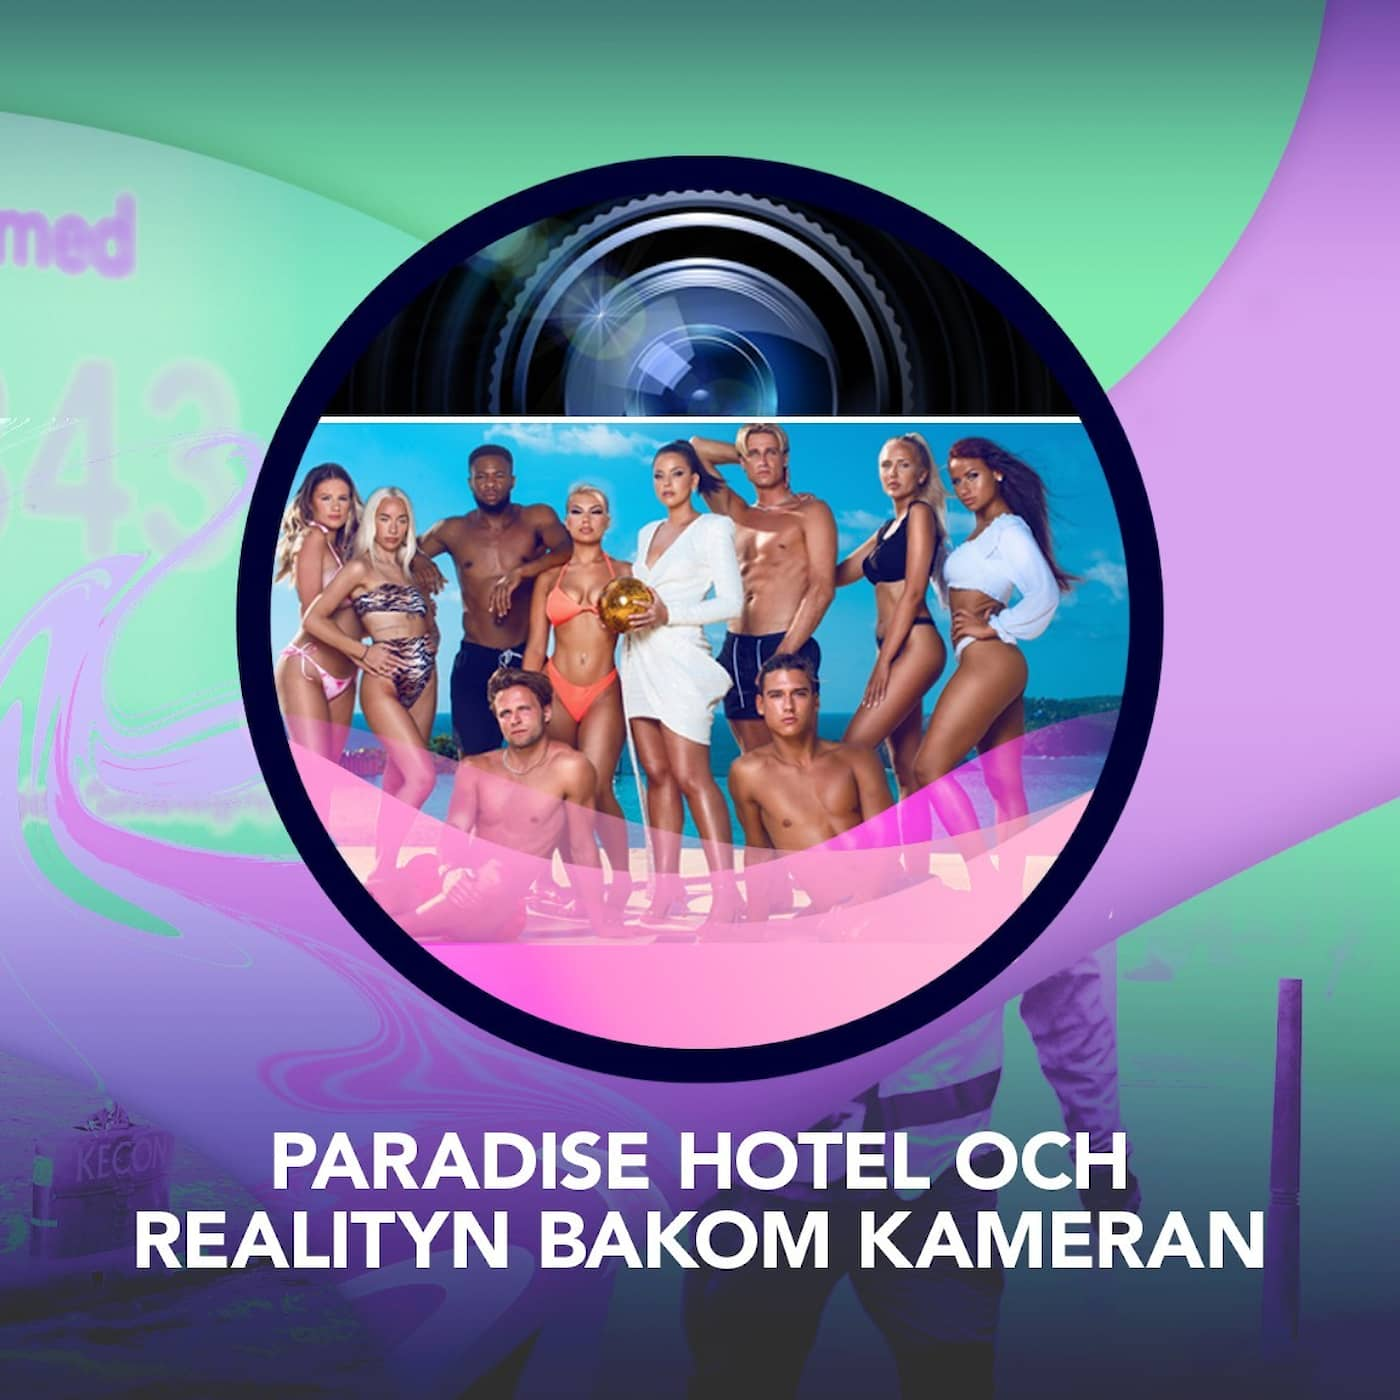 Paradise Hotel och realityn bakom kameran - P3 Nyheter Dokumentär